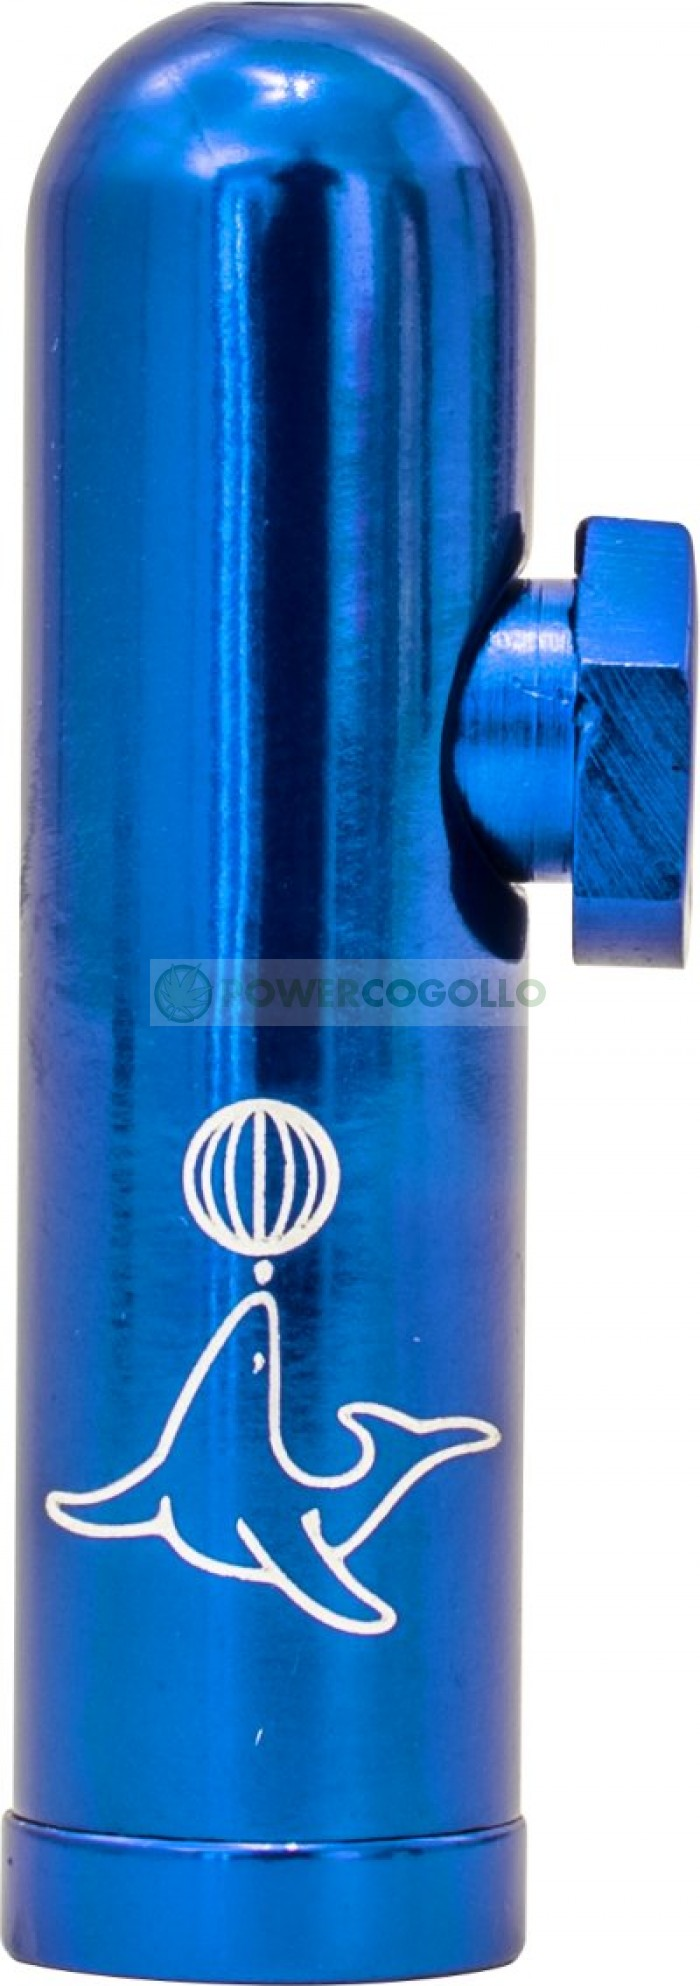 Dosificador Aluminio Magnético